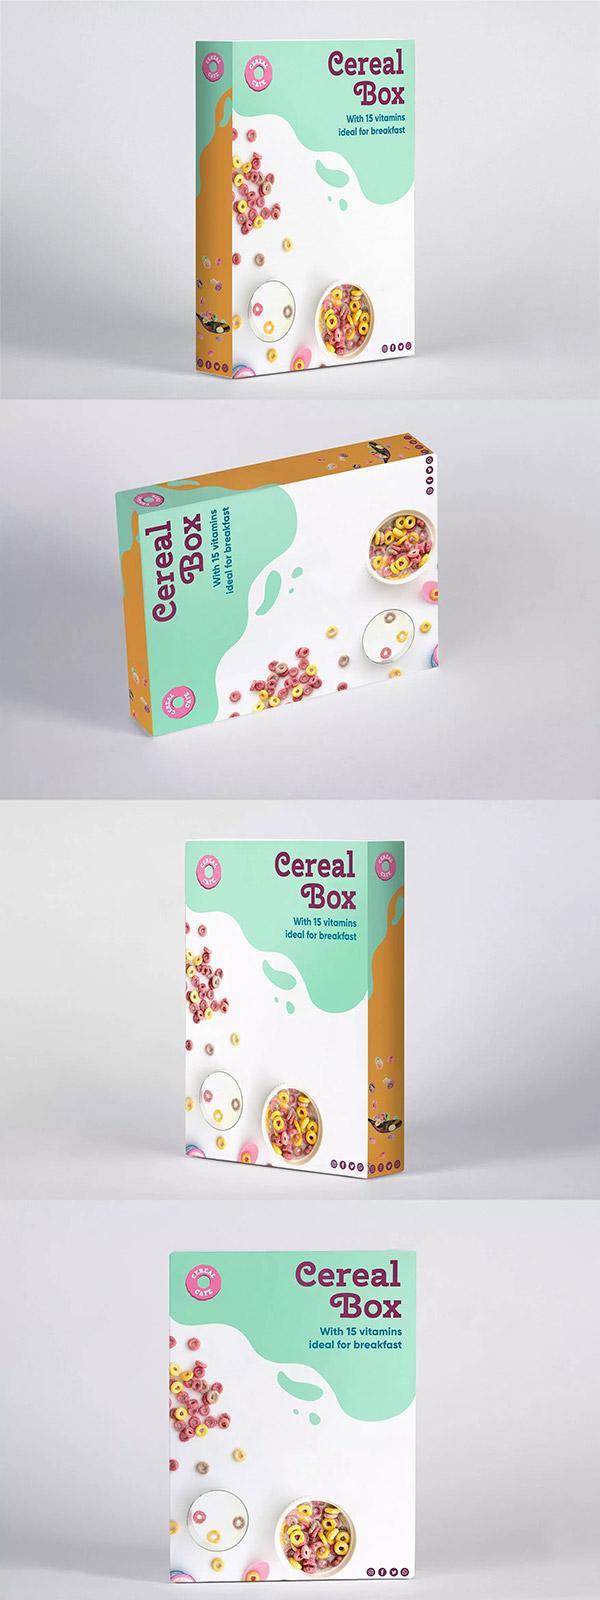 谷物麦片盒包装样机